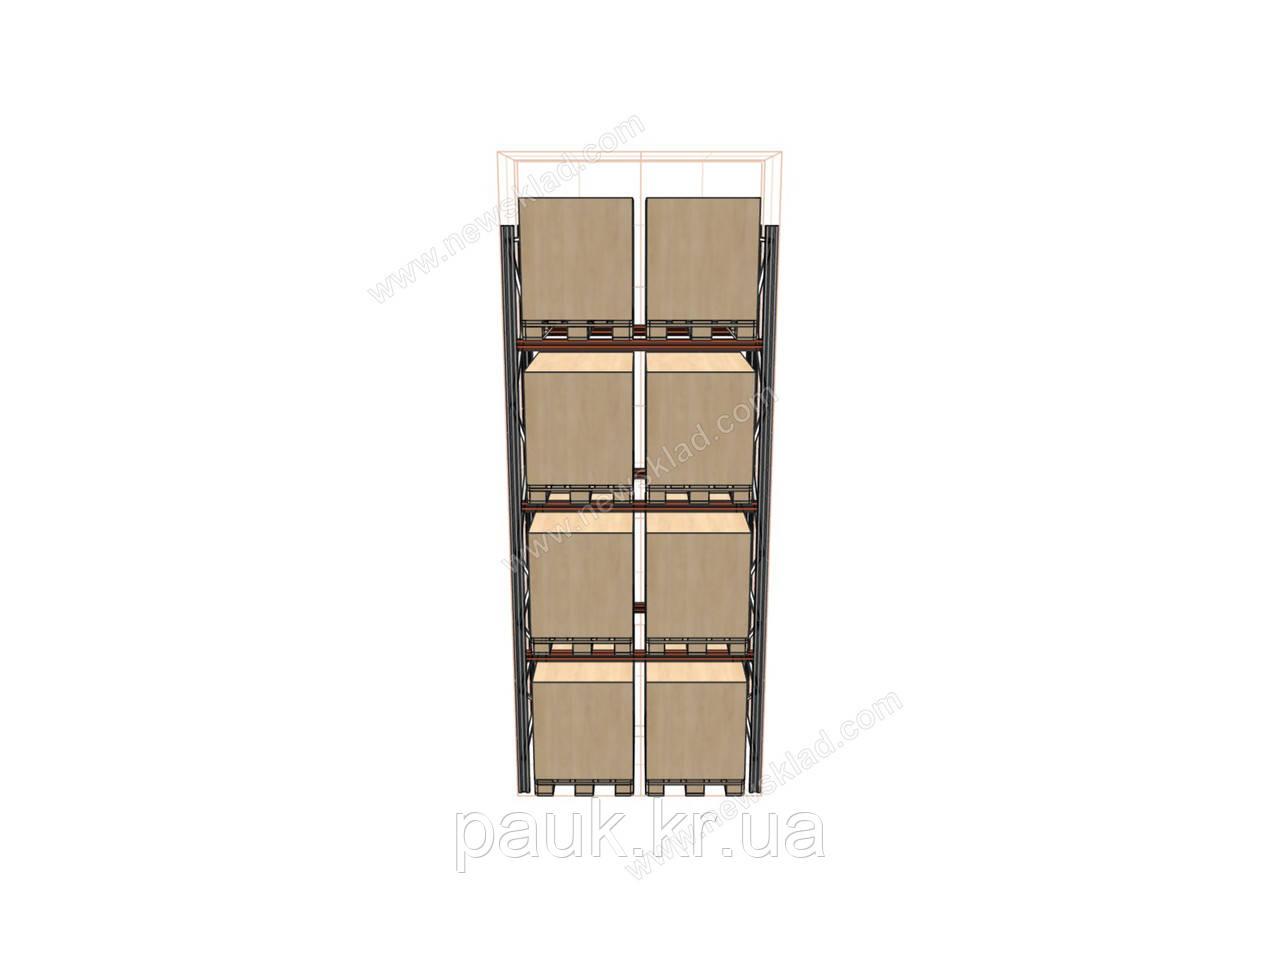 Стелаж для палетних вантажів H4500хL1800х1100 мм (пол. + 3 рівня по 2000 кг на рівень), стелаж для палет